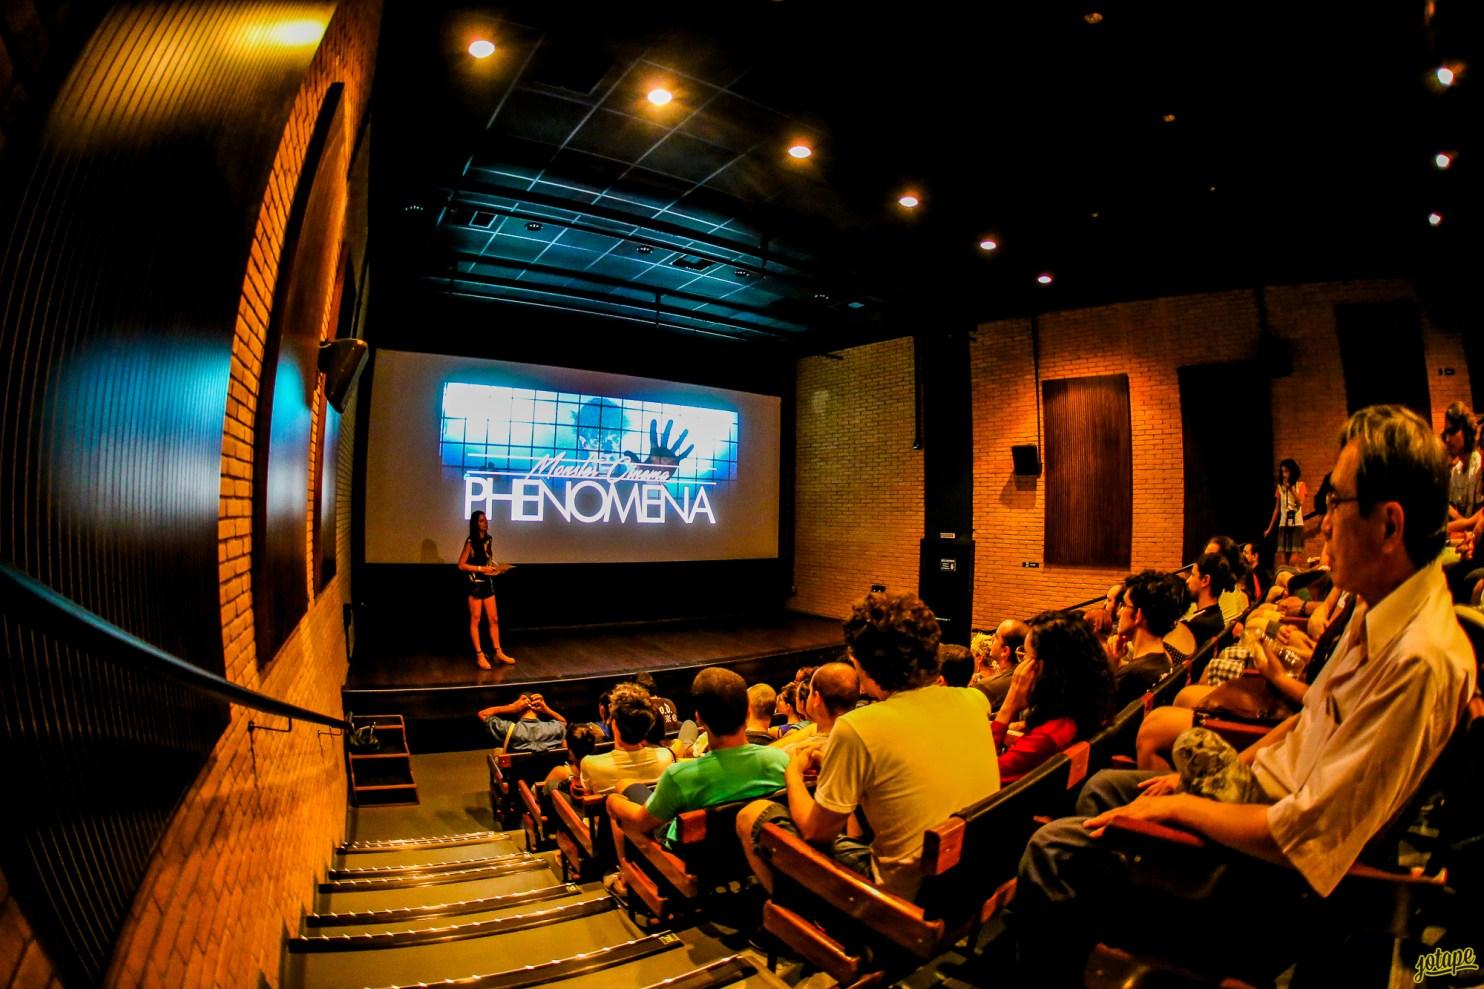 Circuito Sp Cine : Circuito spcine atinge marca de 1 milhão de espectadores spcine